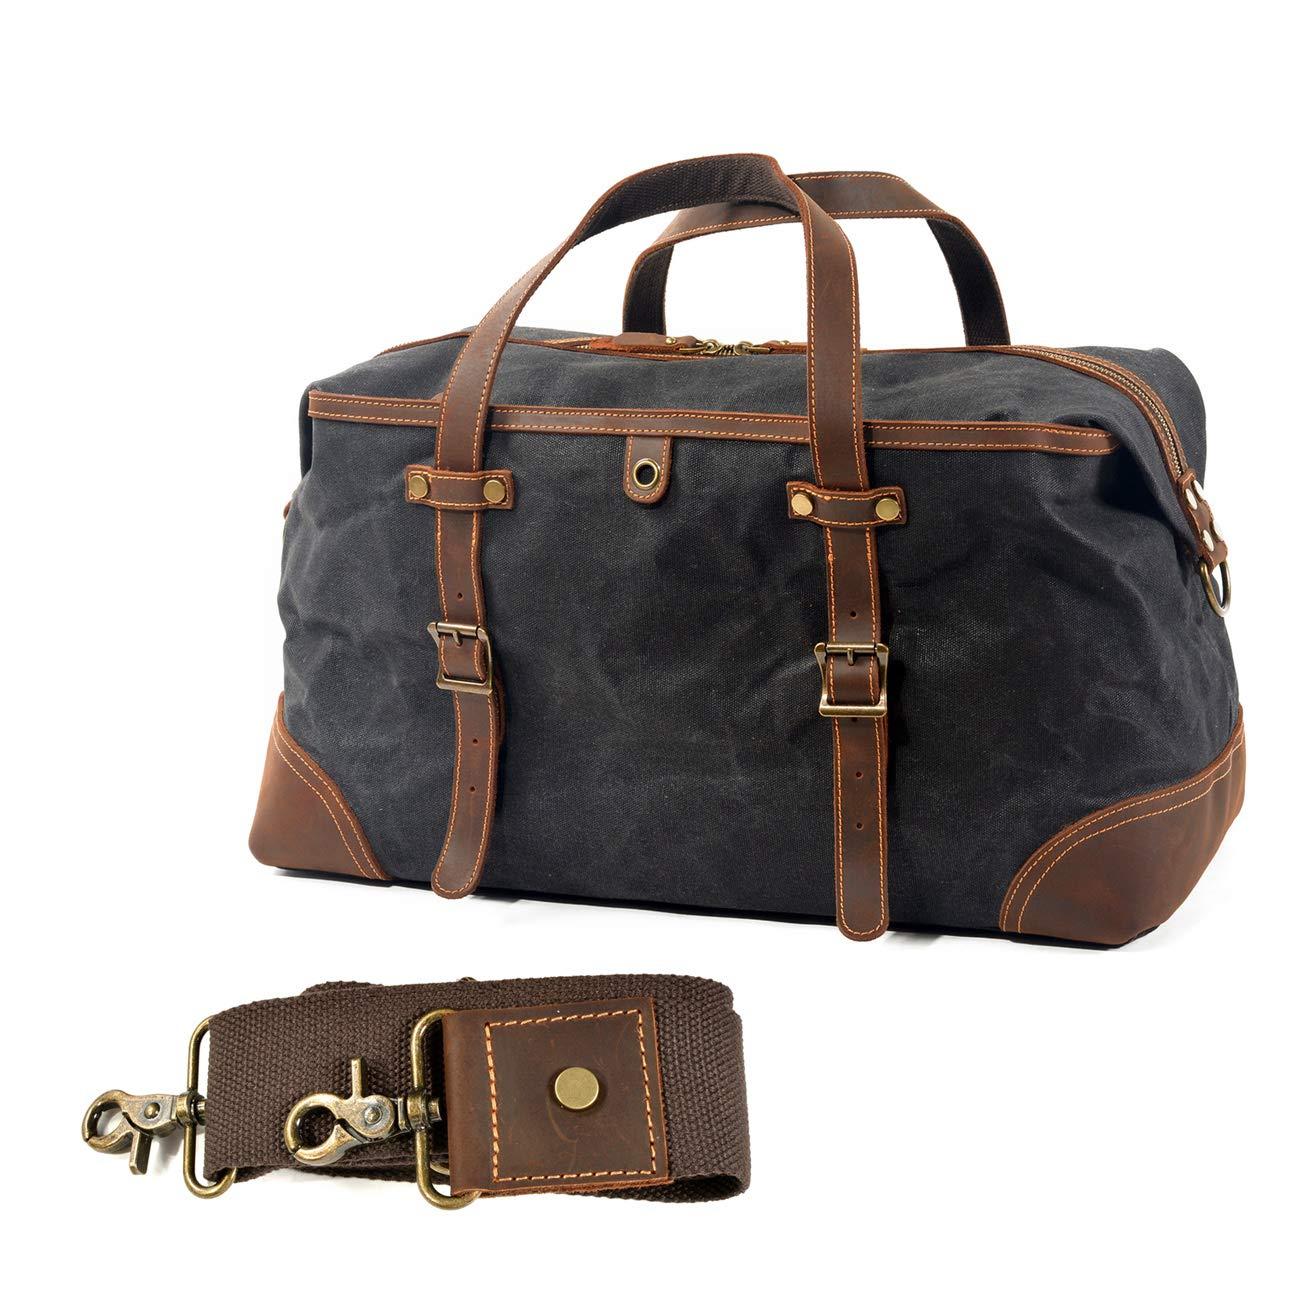 Amazon.com: WUDON Bolsa de viaje de piel de lona para hombre ...